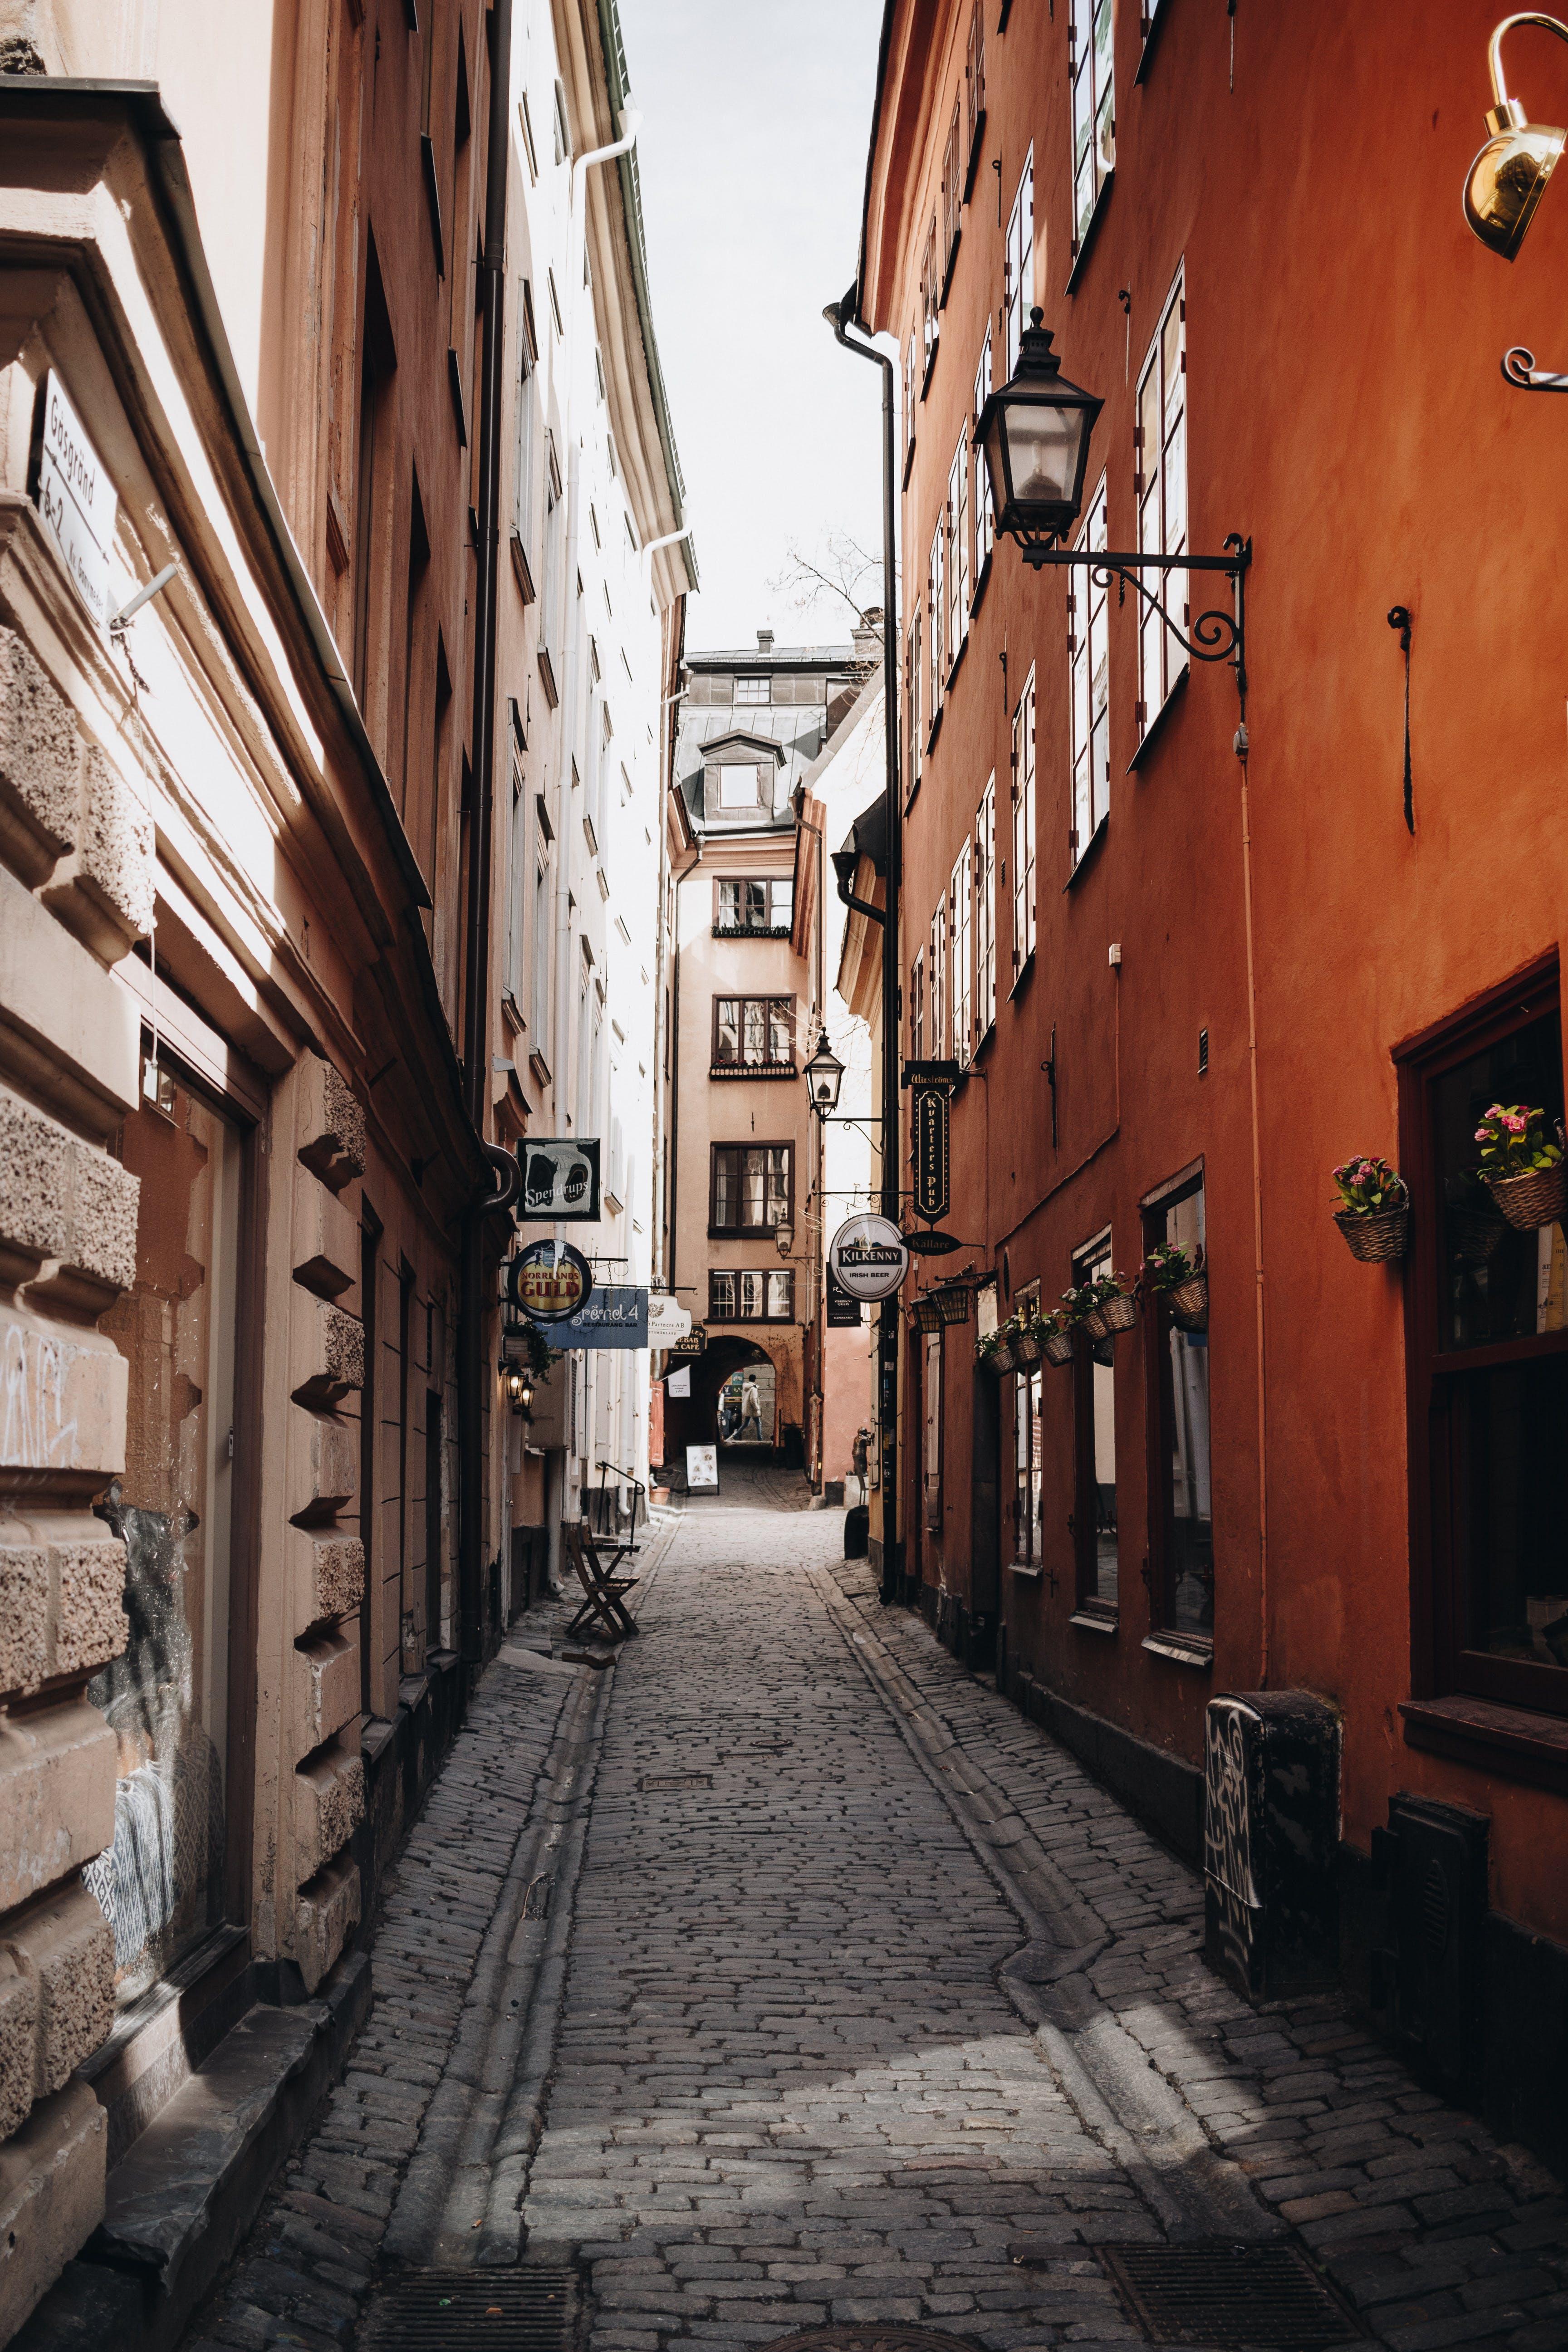 de arquitetura, calçamento, casas, cidade velha